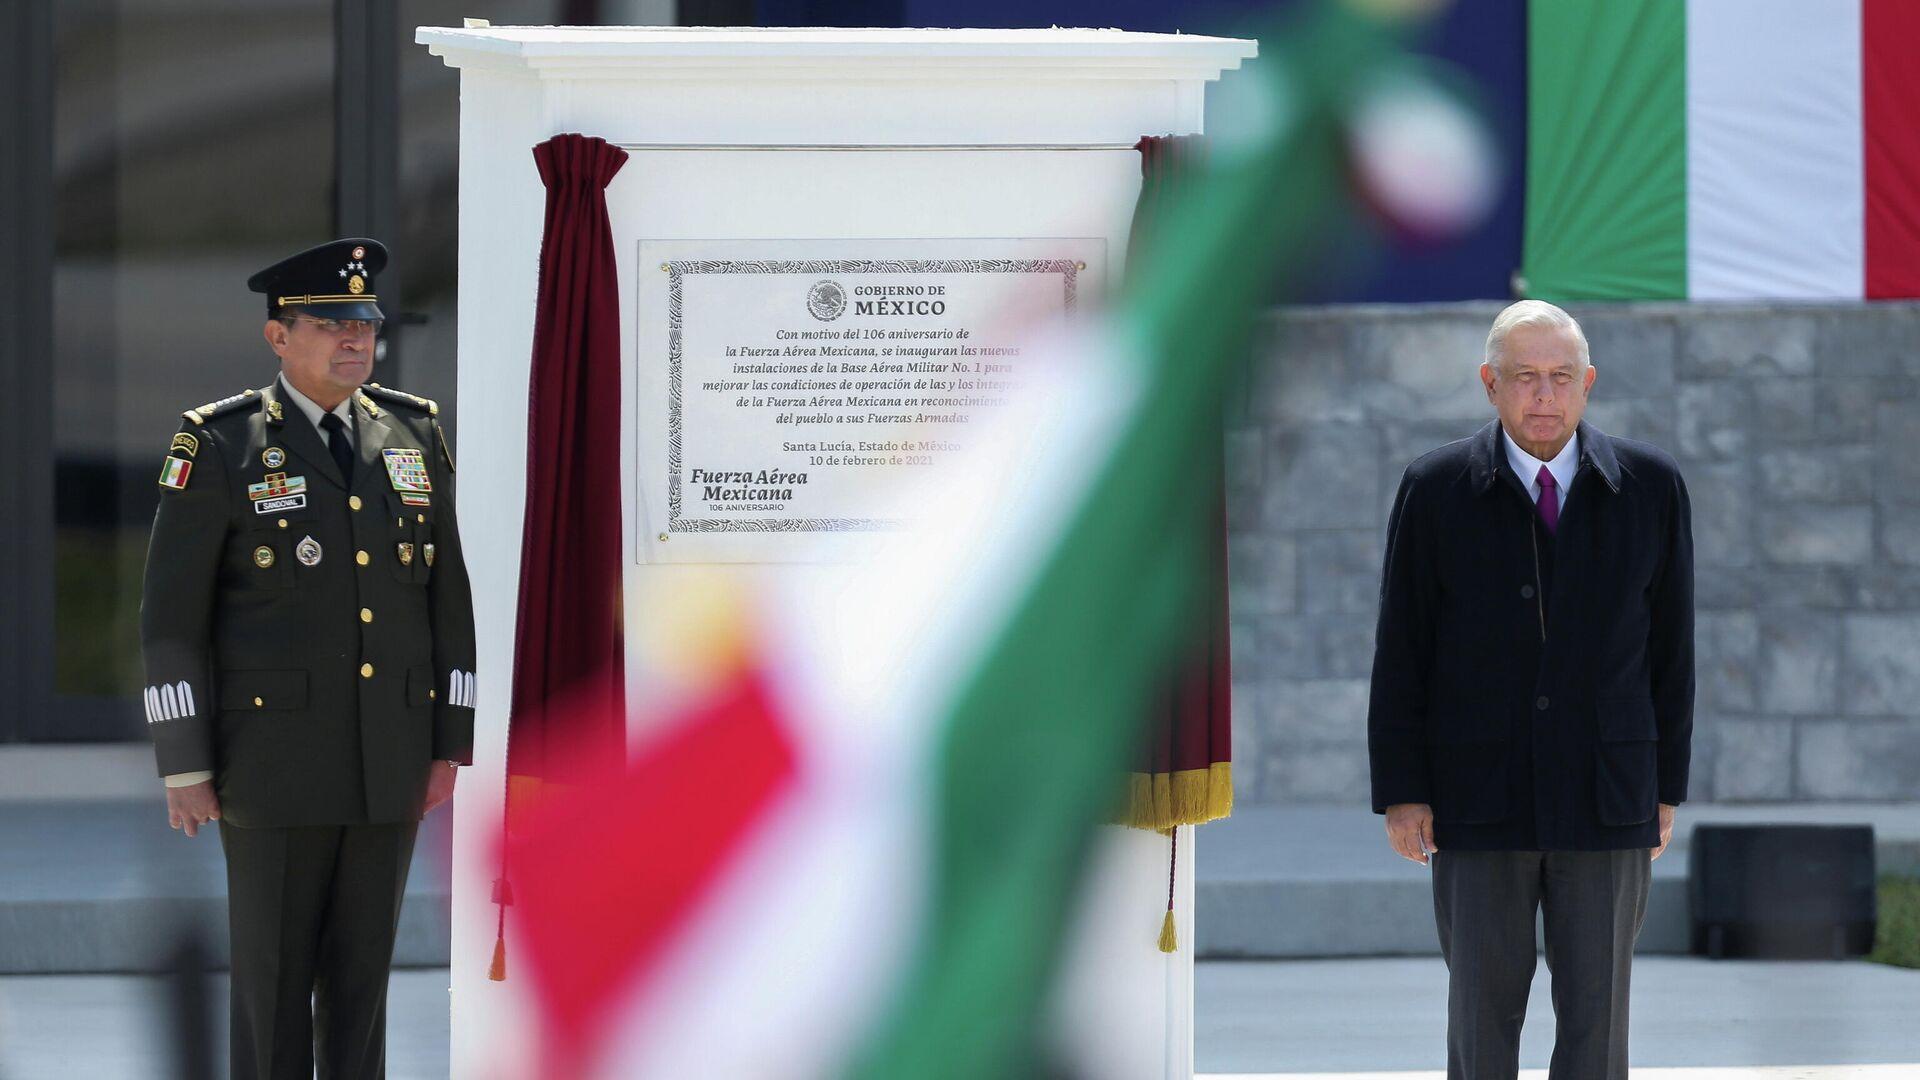 El secretario de la Defensa Nacional de México, general Luis Crescencio Sandoval, y el presidente de México, Andrés Manuel López Obrador - Sputnik Mundo, 1920, 17.02.2021